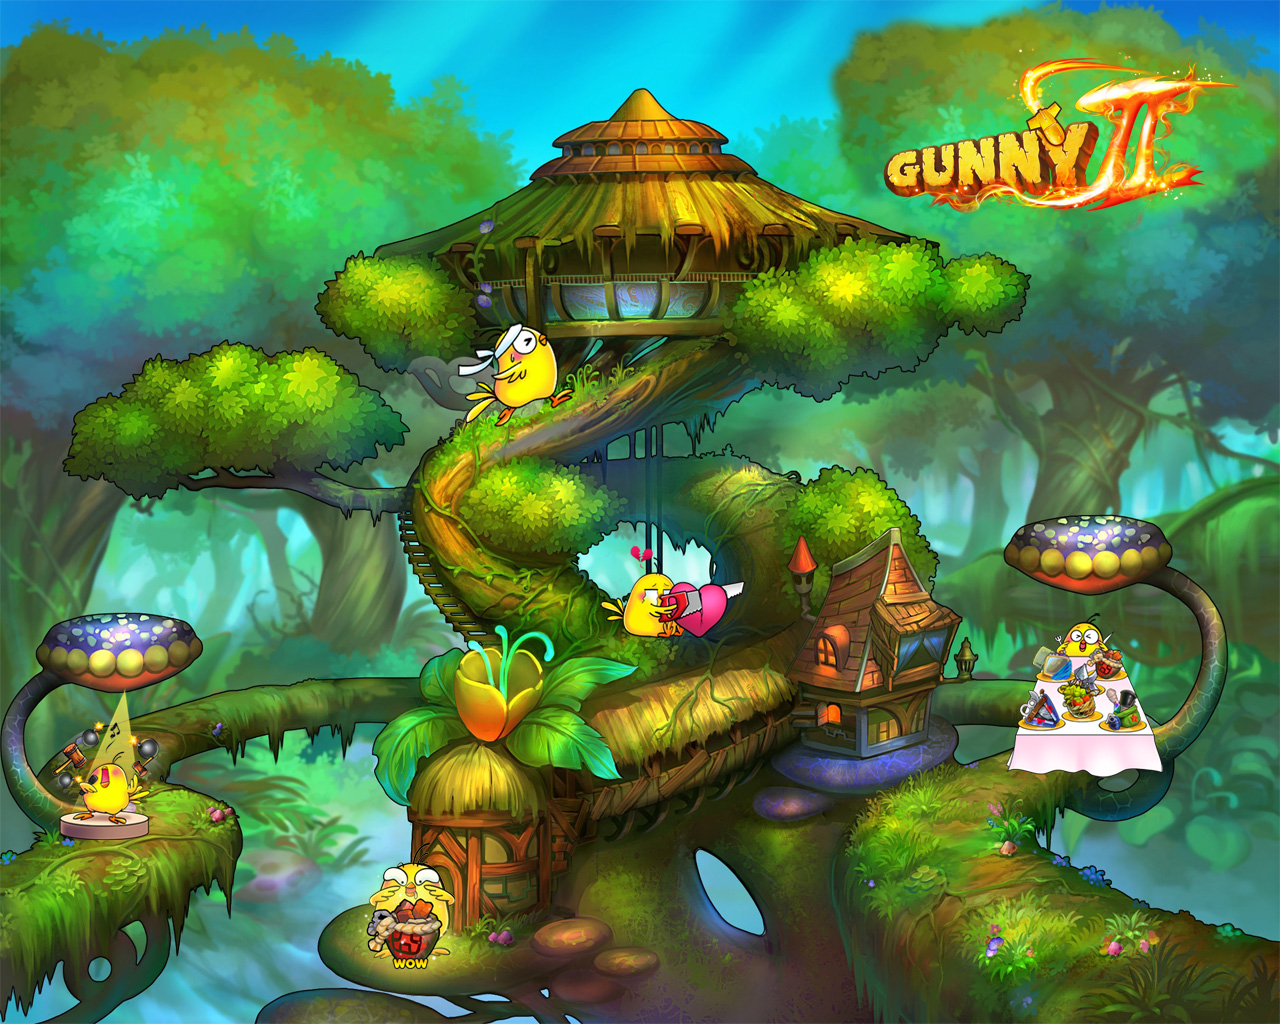 Bộ hình nền đẹp tuyệt của Gunny 2 - Ảnh 10